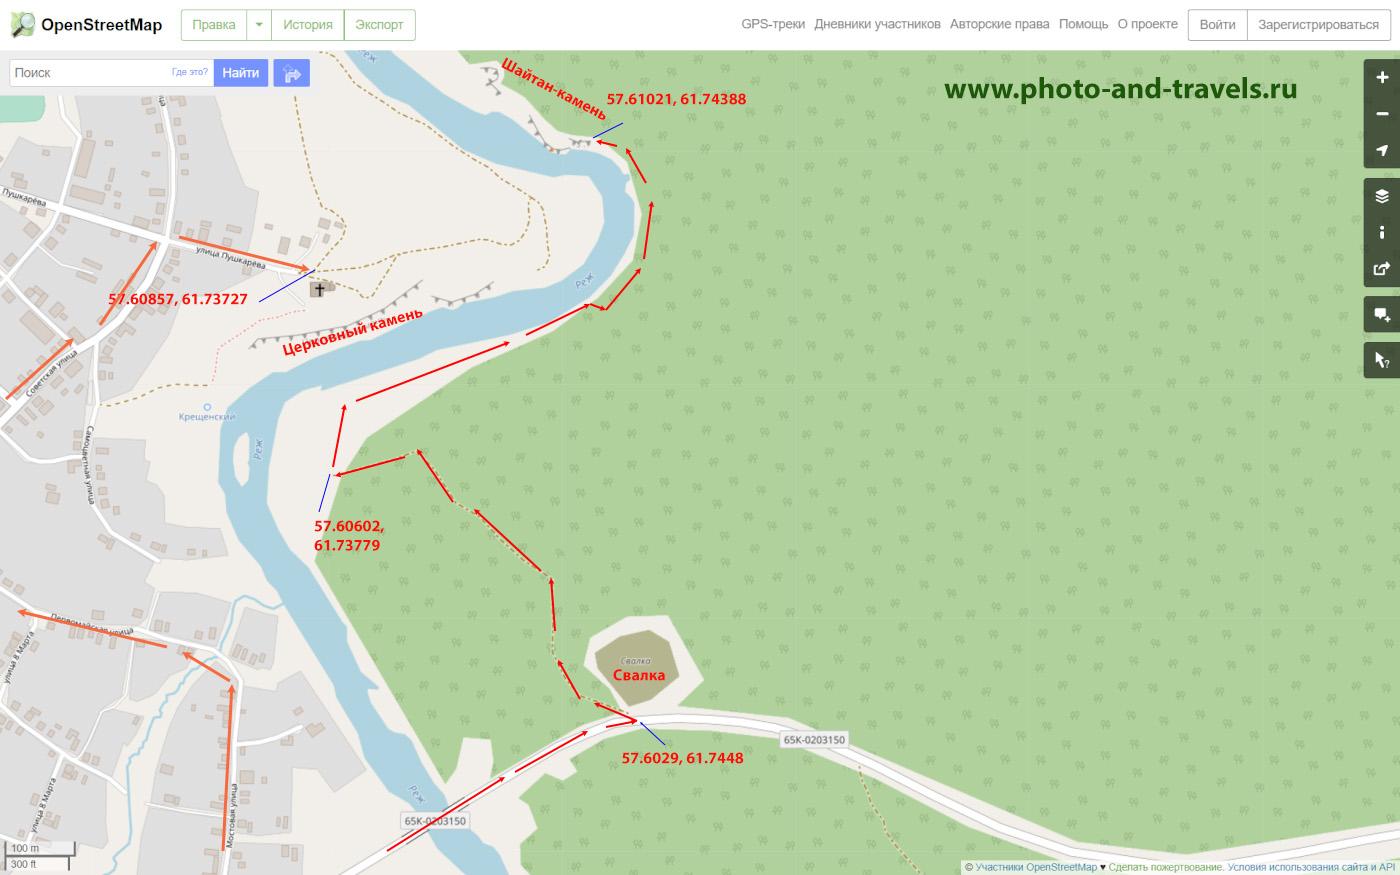 19. Карта маршрута тропы. Как добраться на скалу Шайтан-камень в Арамашево.